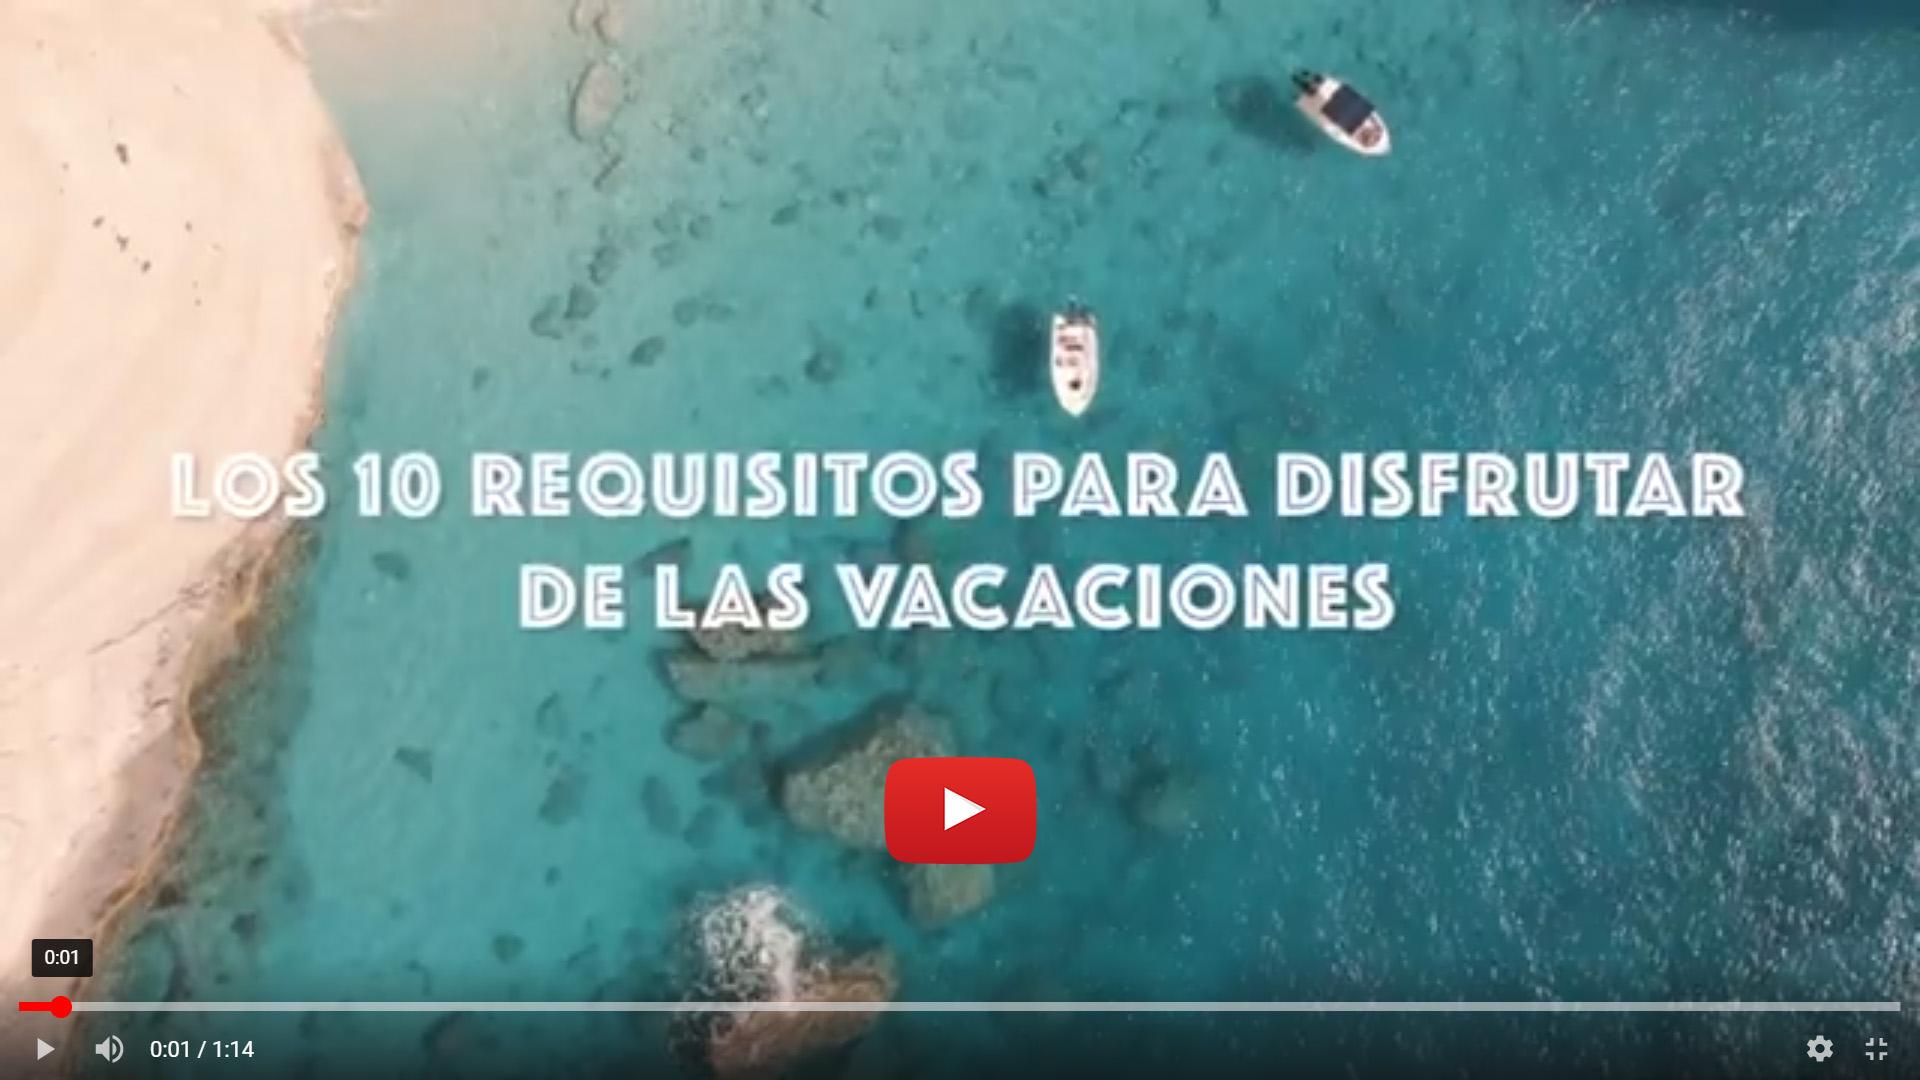 Vídeo requisitos para disfrutar de las vacaciones